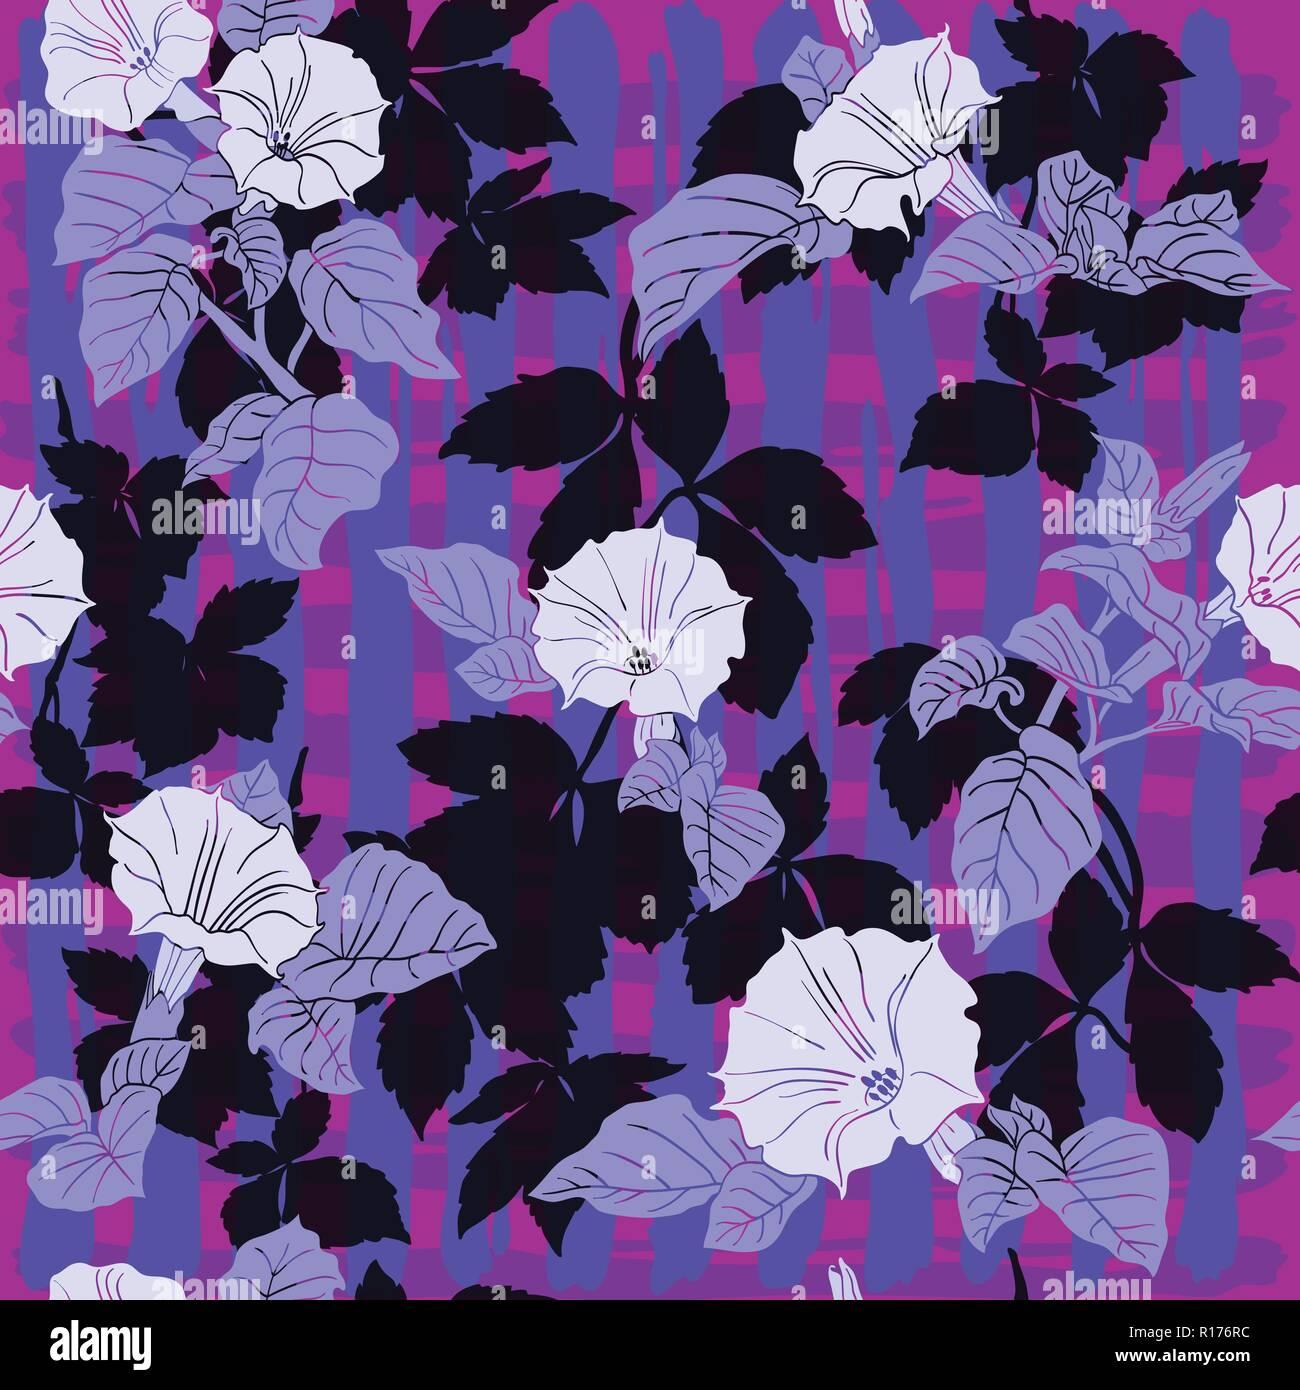 Flieder Und Lila Bluten Von Dope Florale Muster Auf Dem Schwarzen